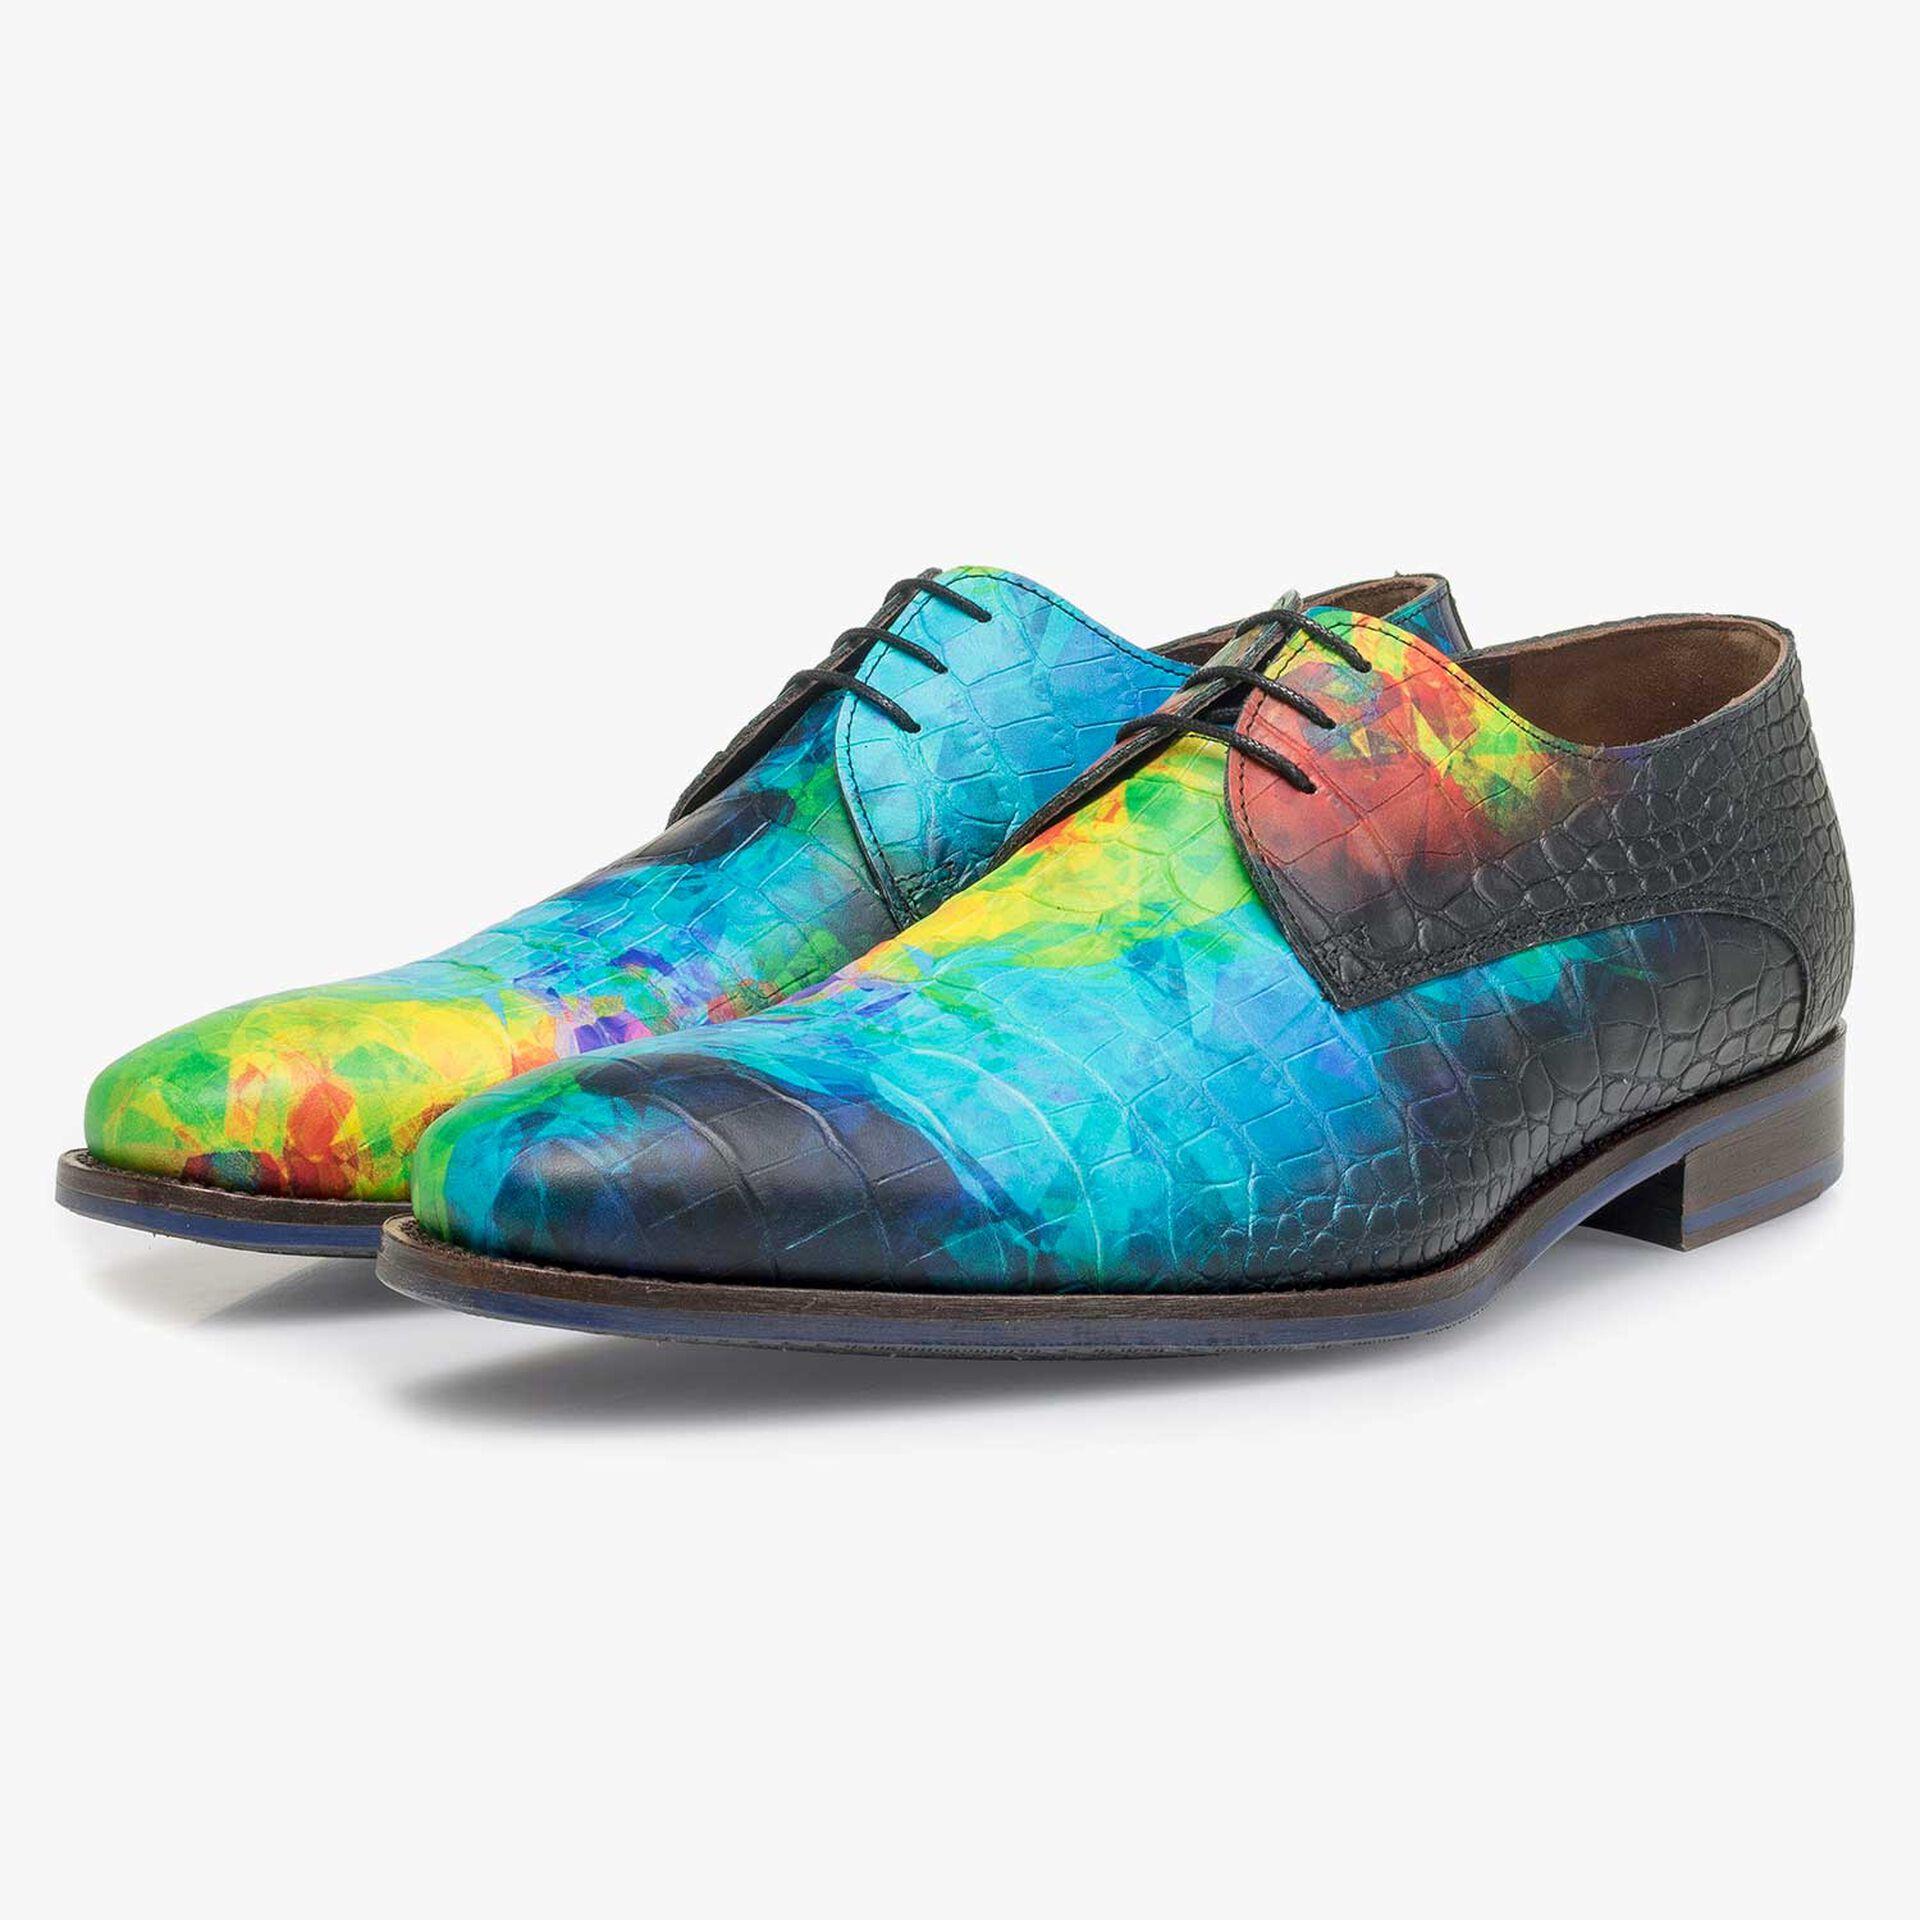 Multi-colored premium lace shoe with croco print